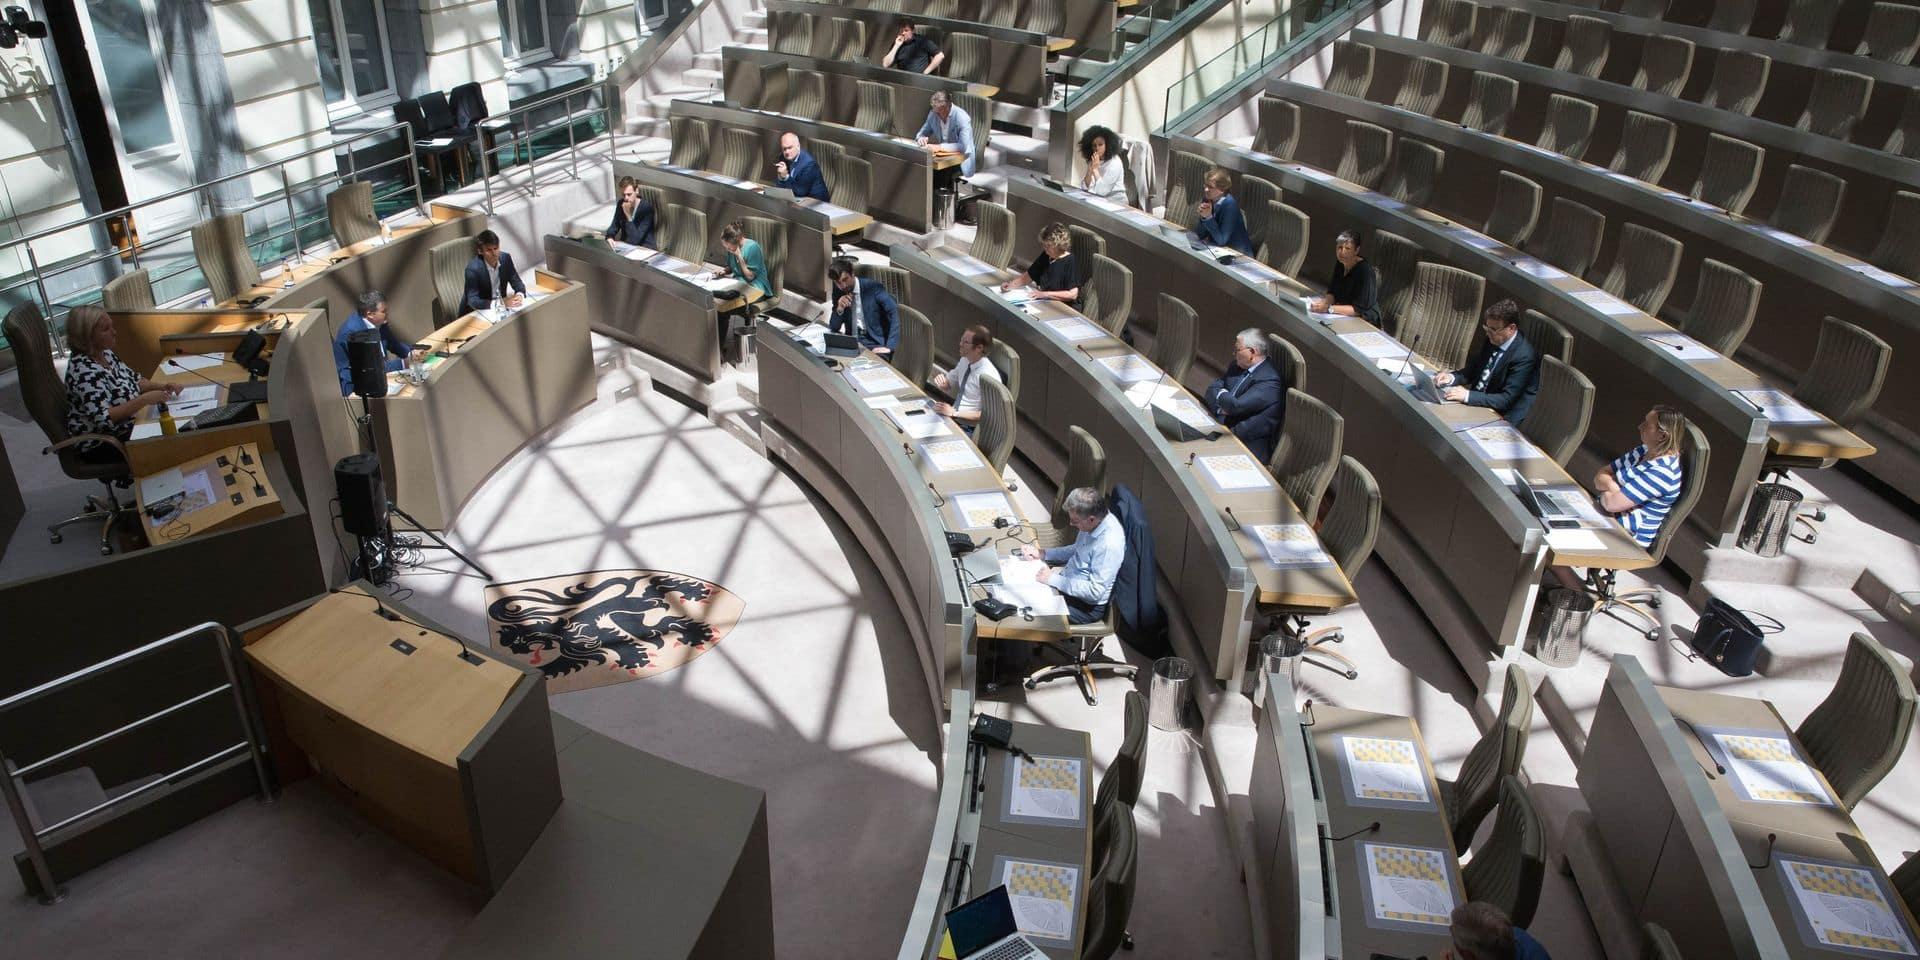 Le Parlement flamand approuve un supplément aux allocations familiales pour les revenus qui ont baissé en raison de la crise sanitaire